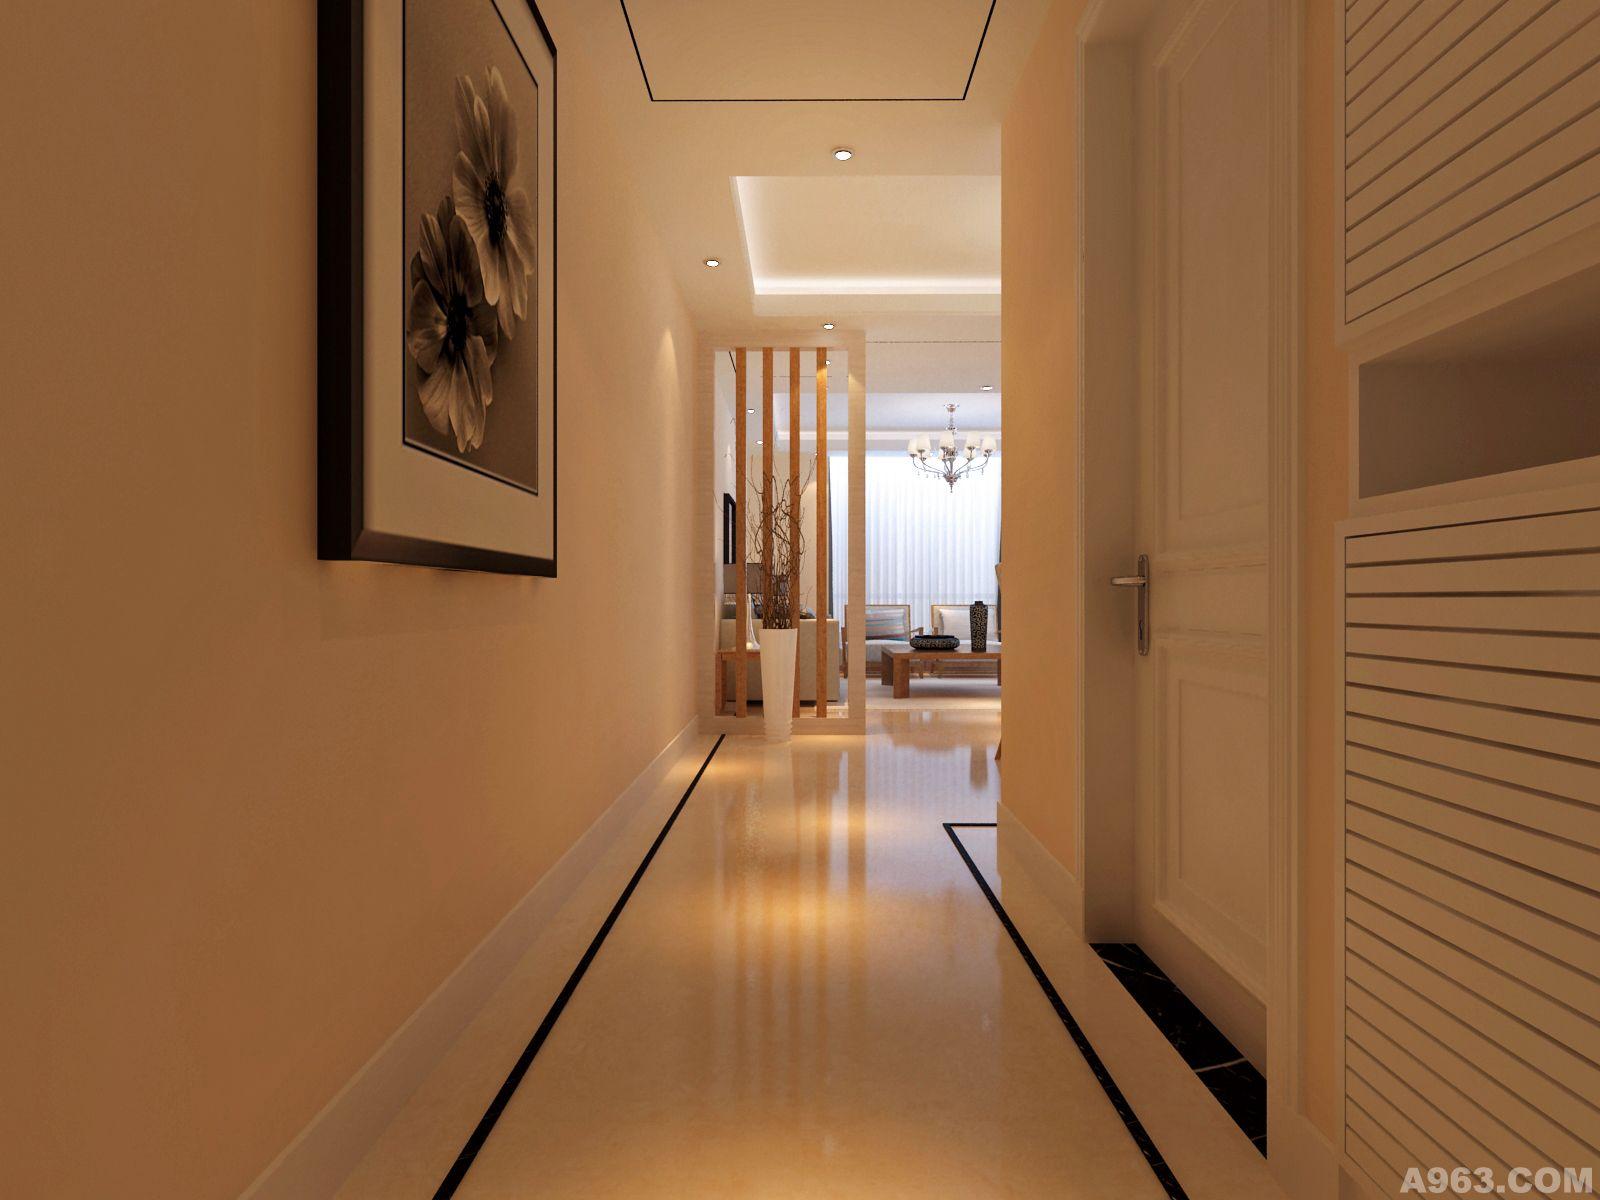 节省走廊空间,入户入眼处的玄关采用和家具类似的木纹线条配合理石